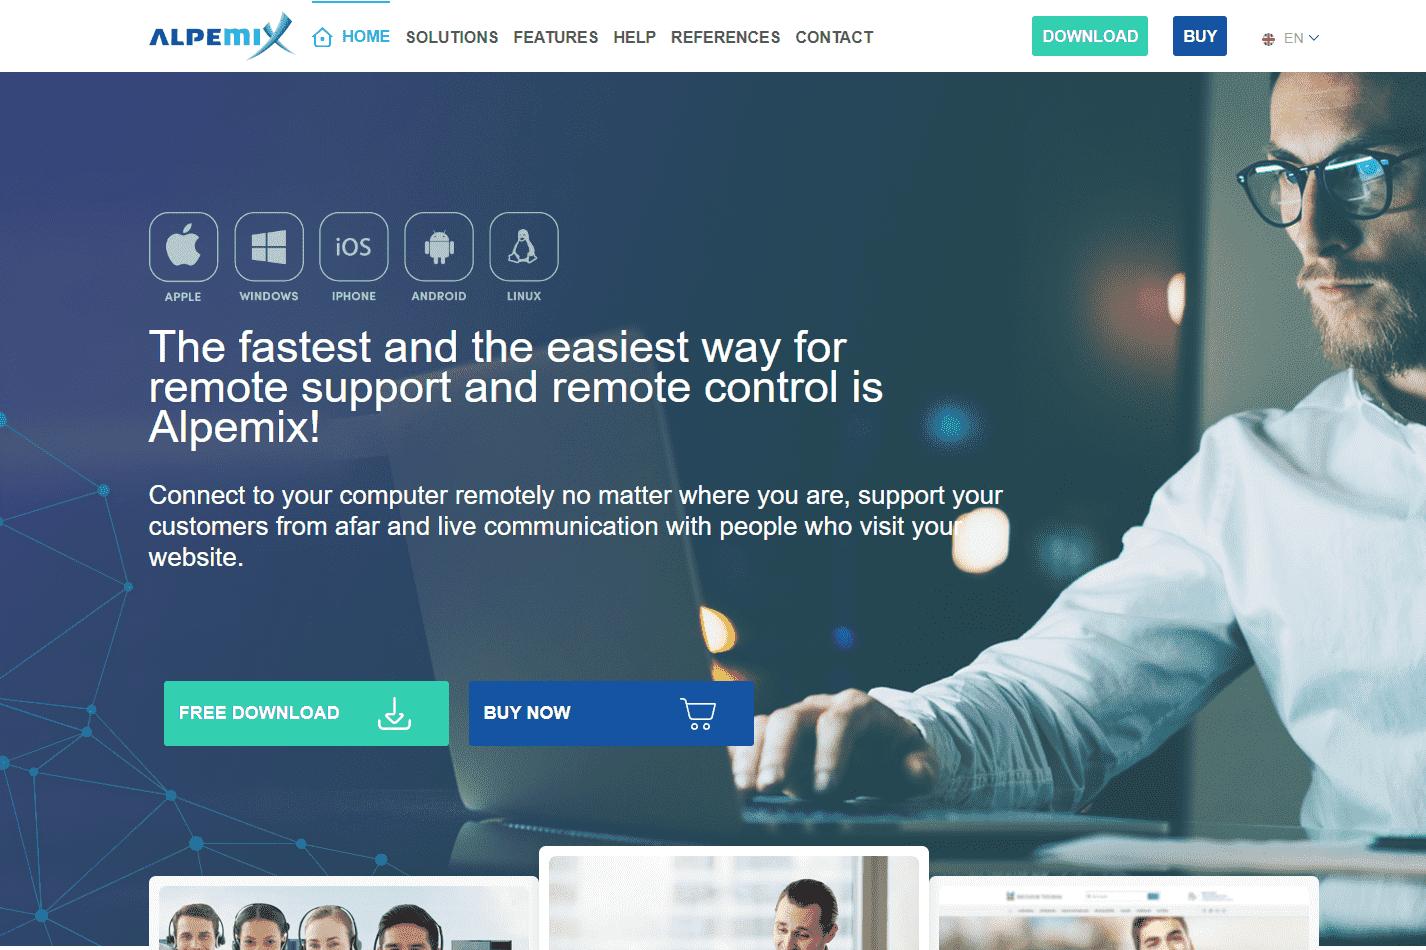 Alpemix reviews and complaints